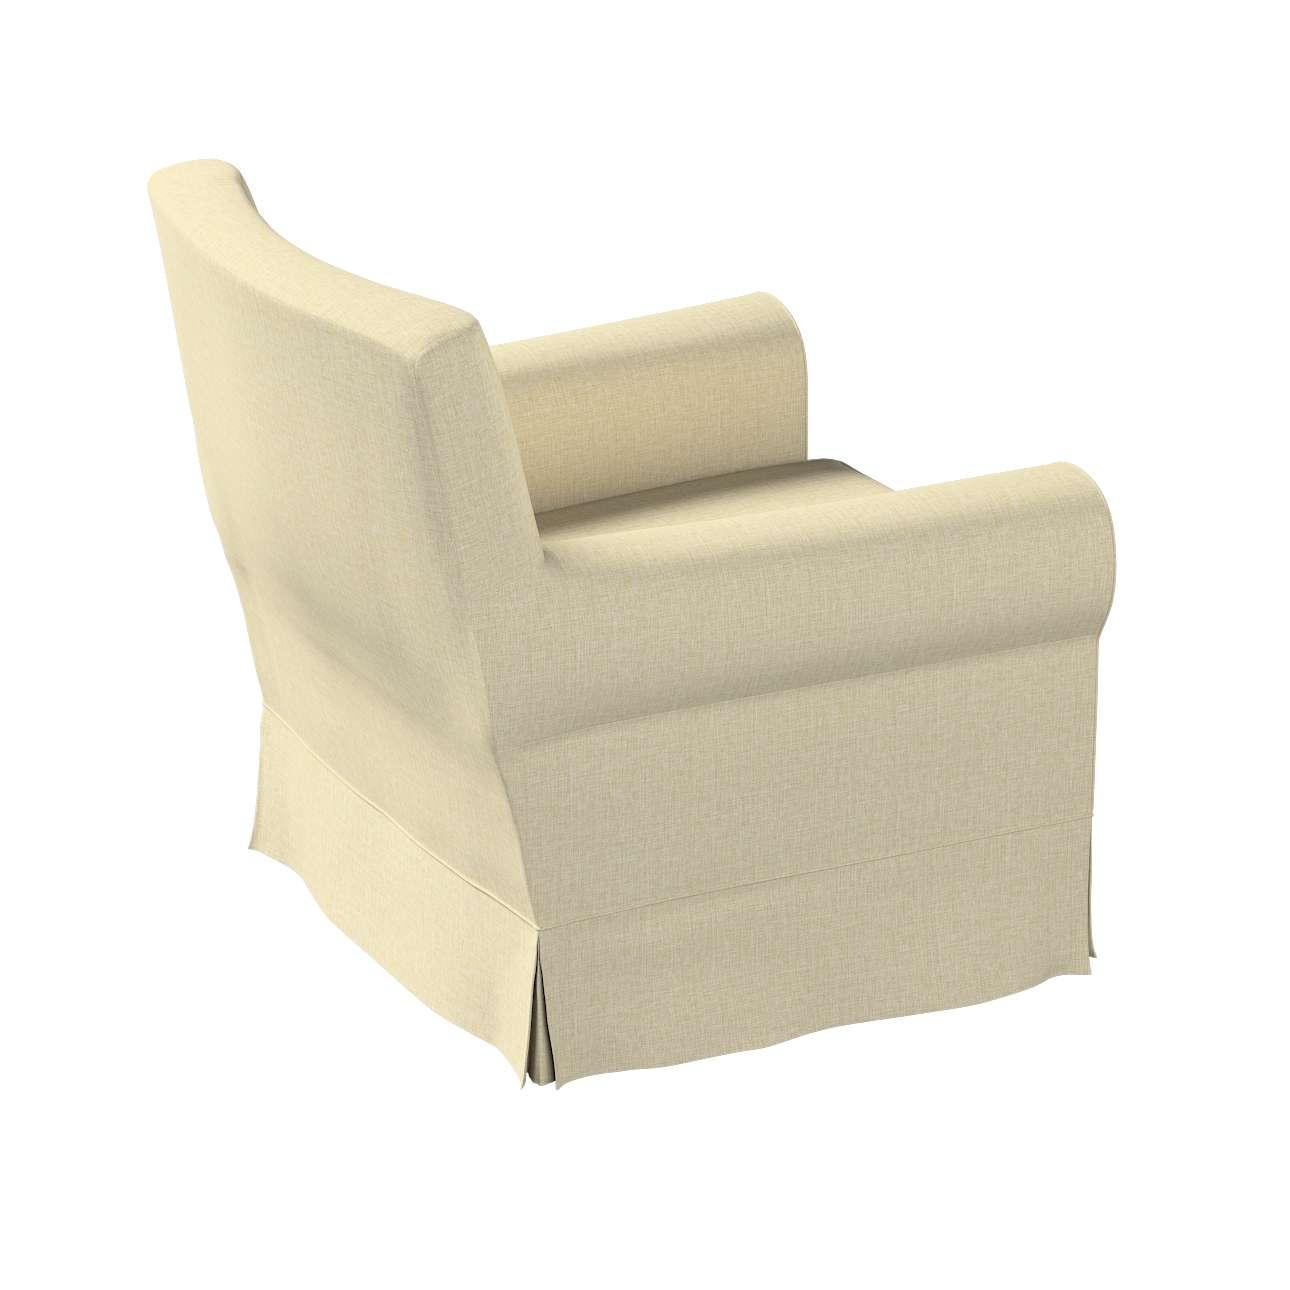 Pokrowiec na fotel Ektorp Jennylund w kolekcji Living, tkanina: 161-45